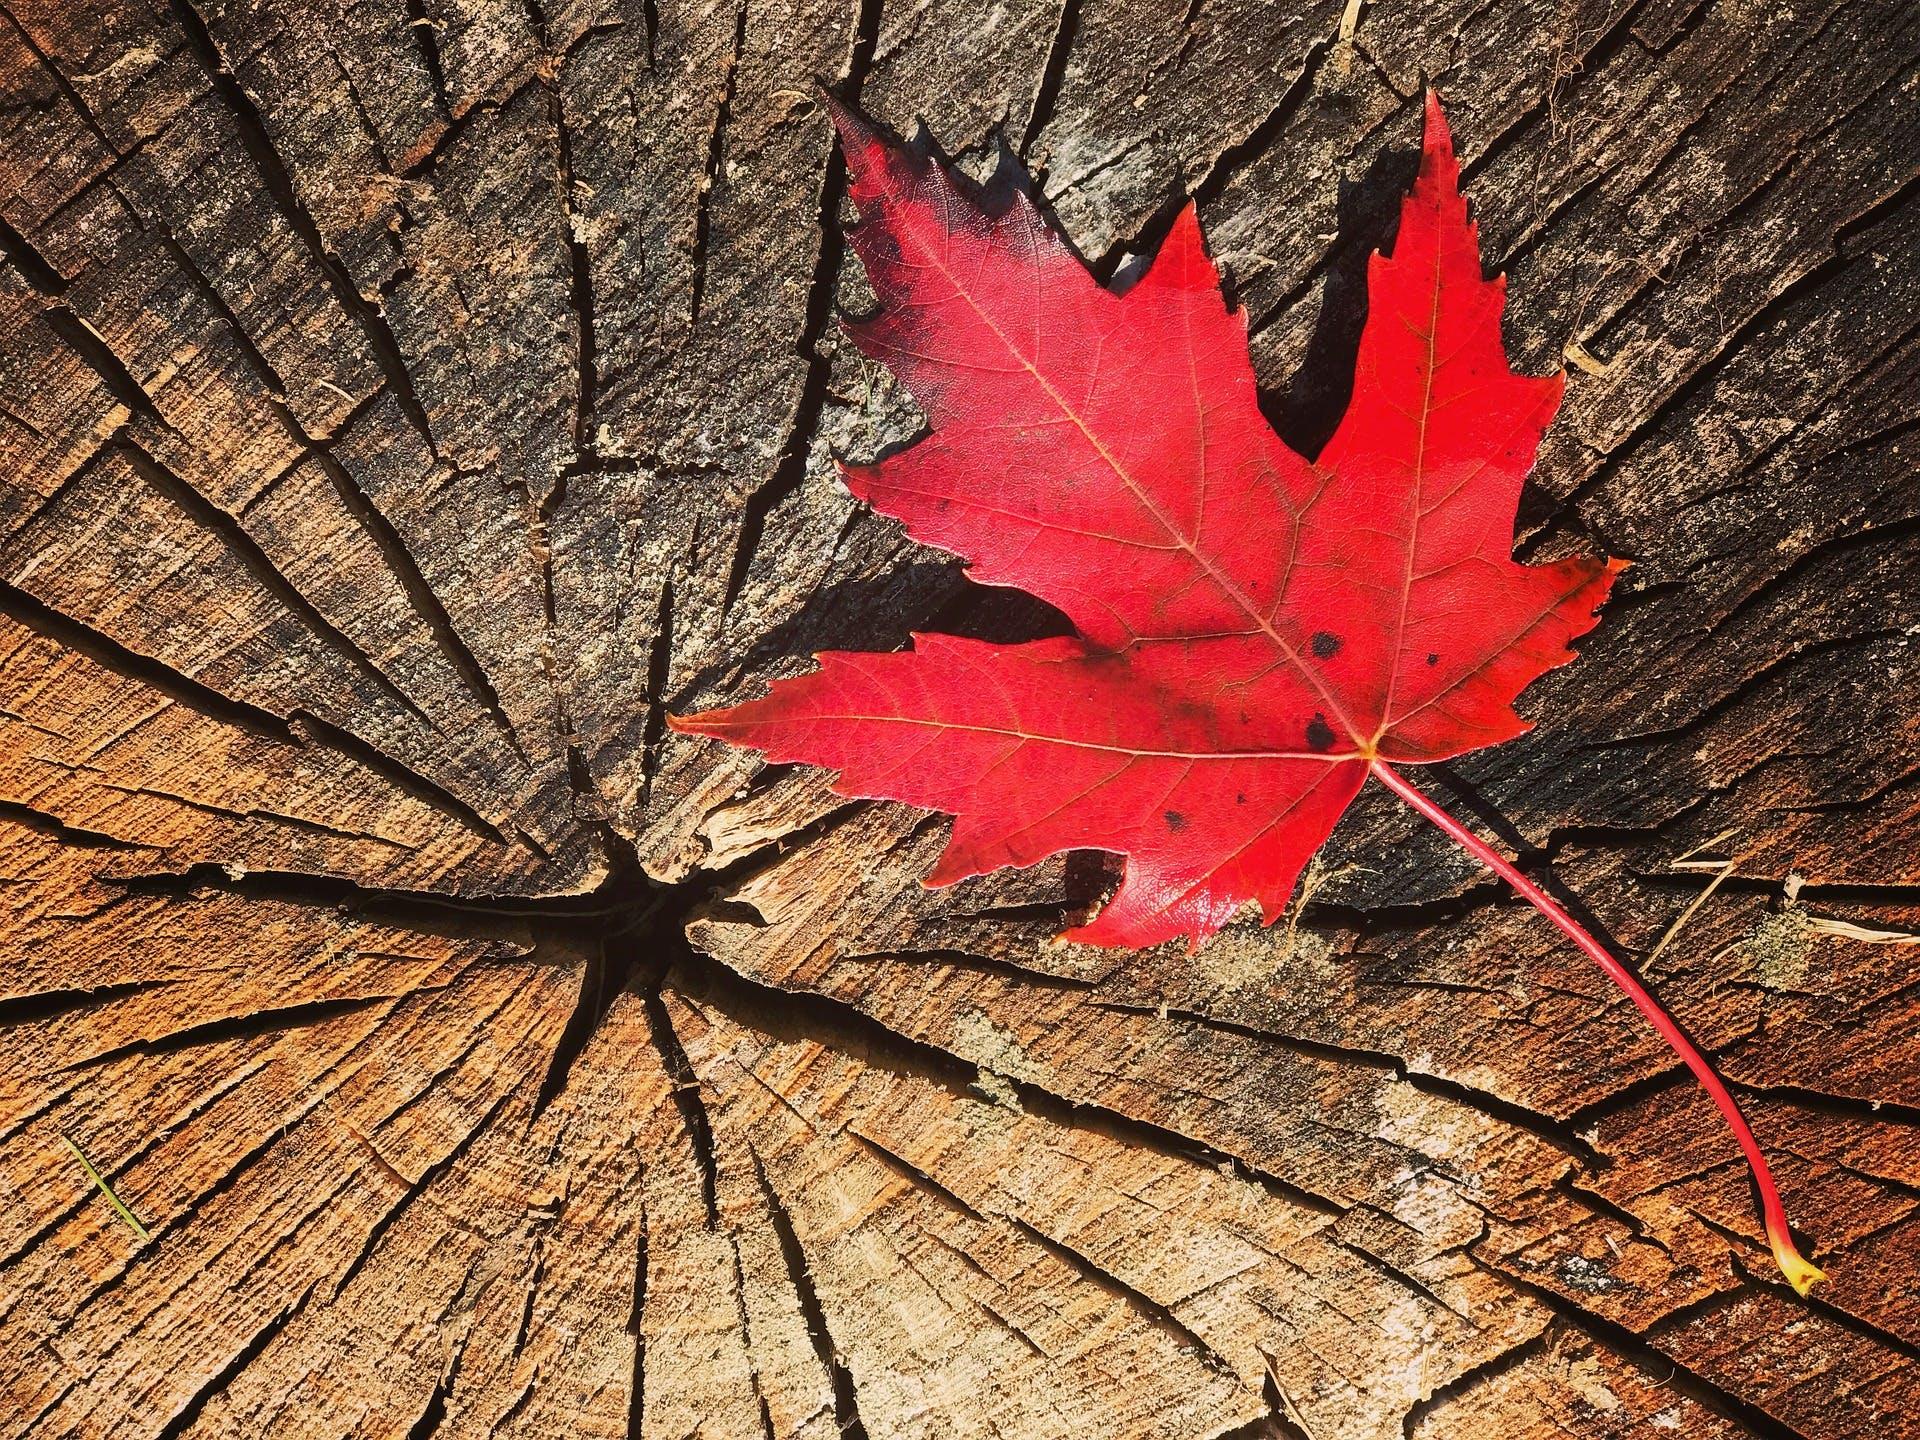 Canada maple leaf on tree stump